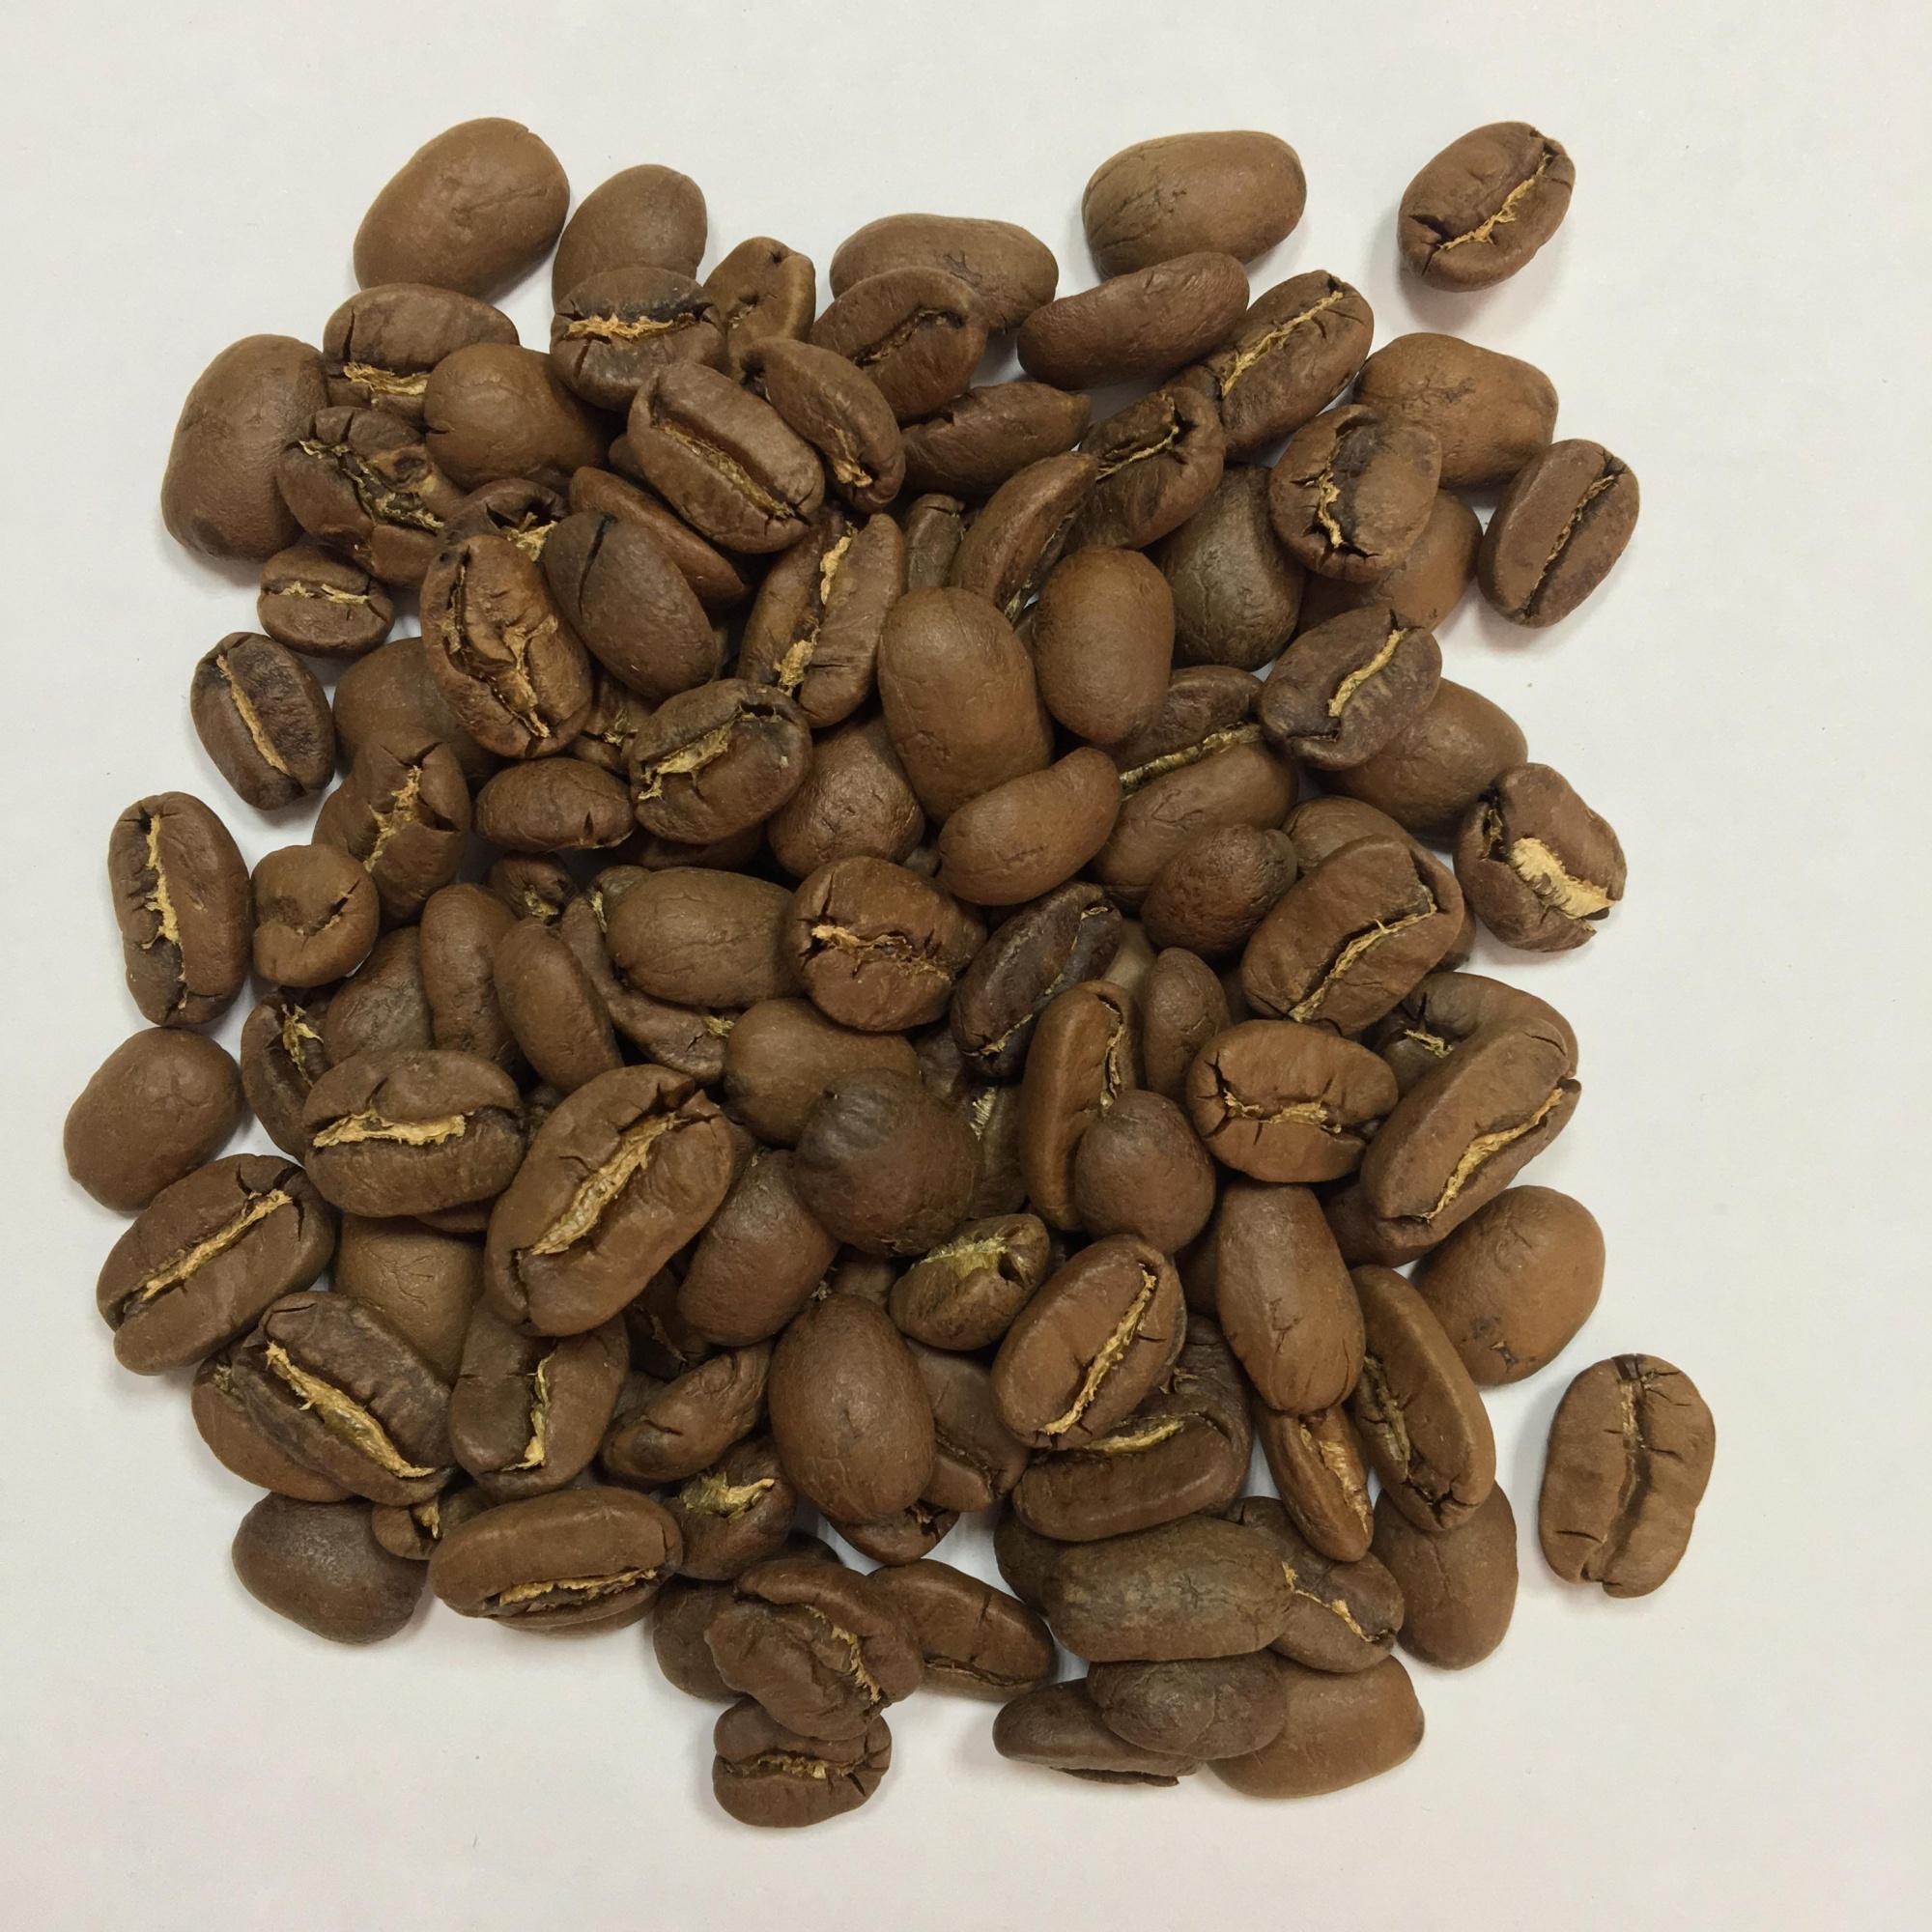 сегодняшний все сорта кофе в картинках проведет необходимые анализы